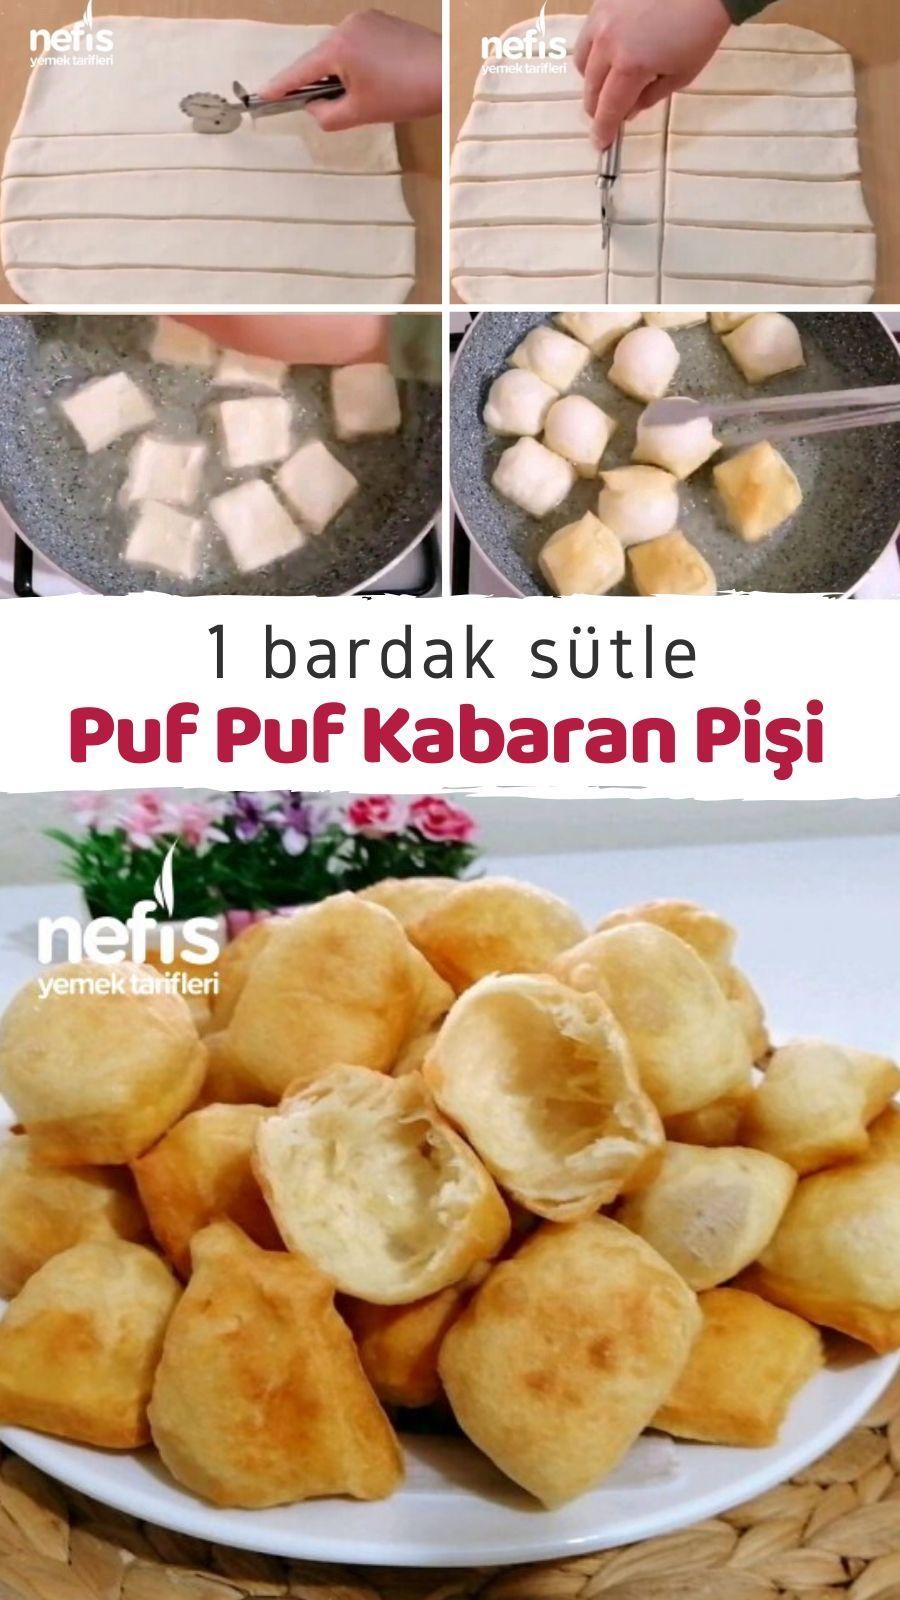 1 Bardak Sütle Puf Puf Kabaran Pişi Tarifi nasıl yapılır 4301 kişinin defterindeki bu tarifin resimli anlatımı ve deneyenlerin fotoğrafları burada